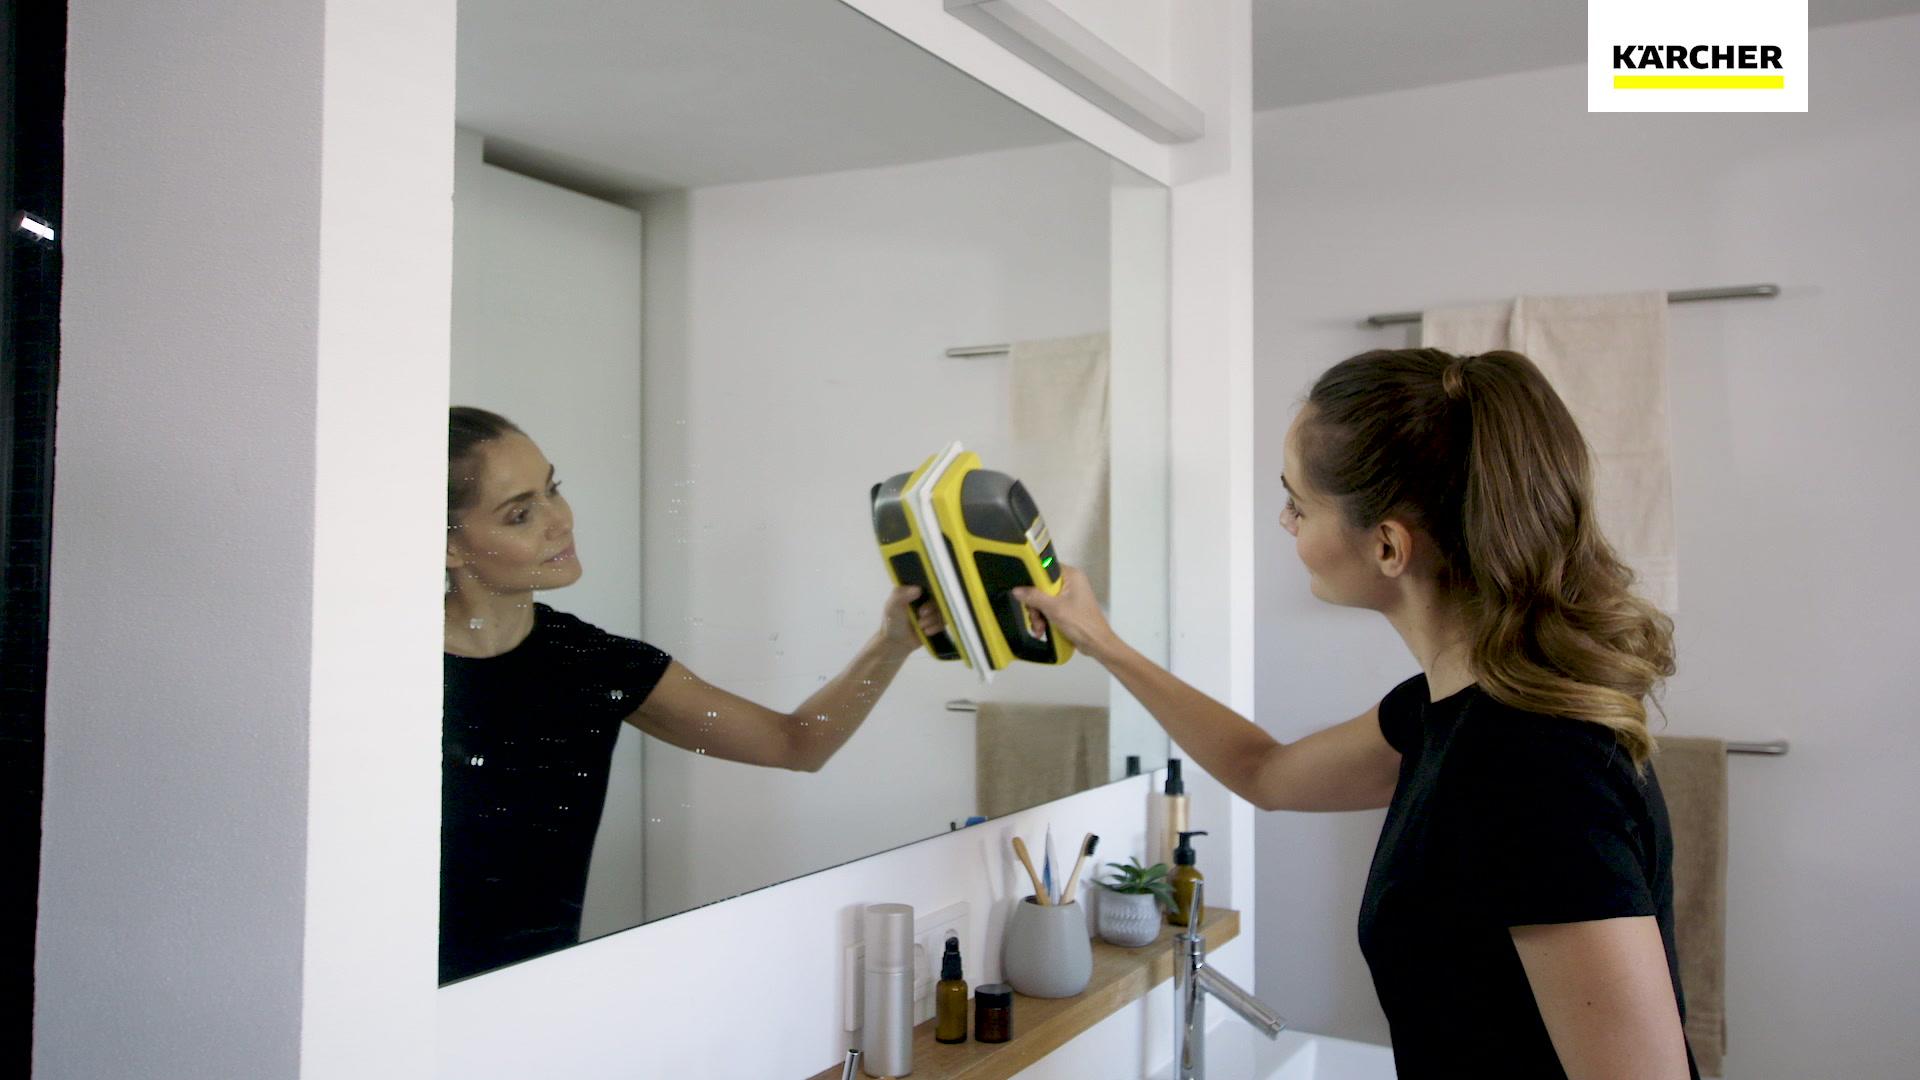 czyszczenie lustra myjką Karcher WV6 + KV4 1.633-570.0